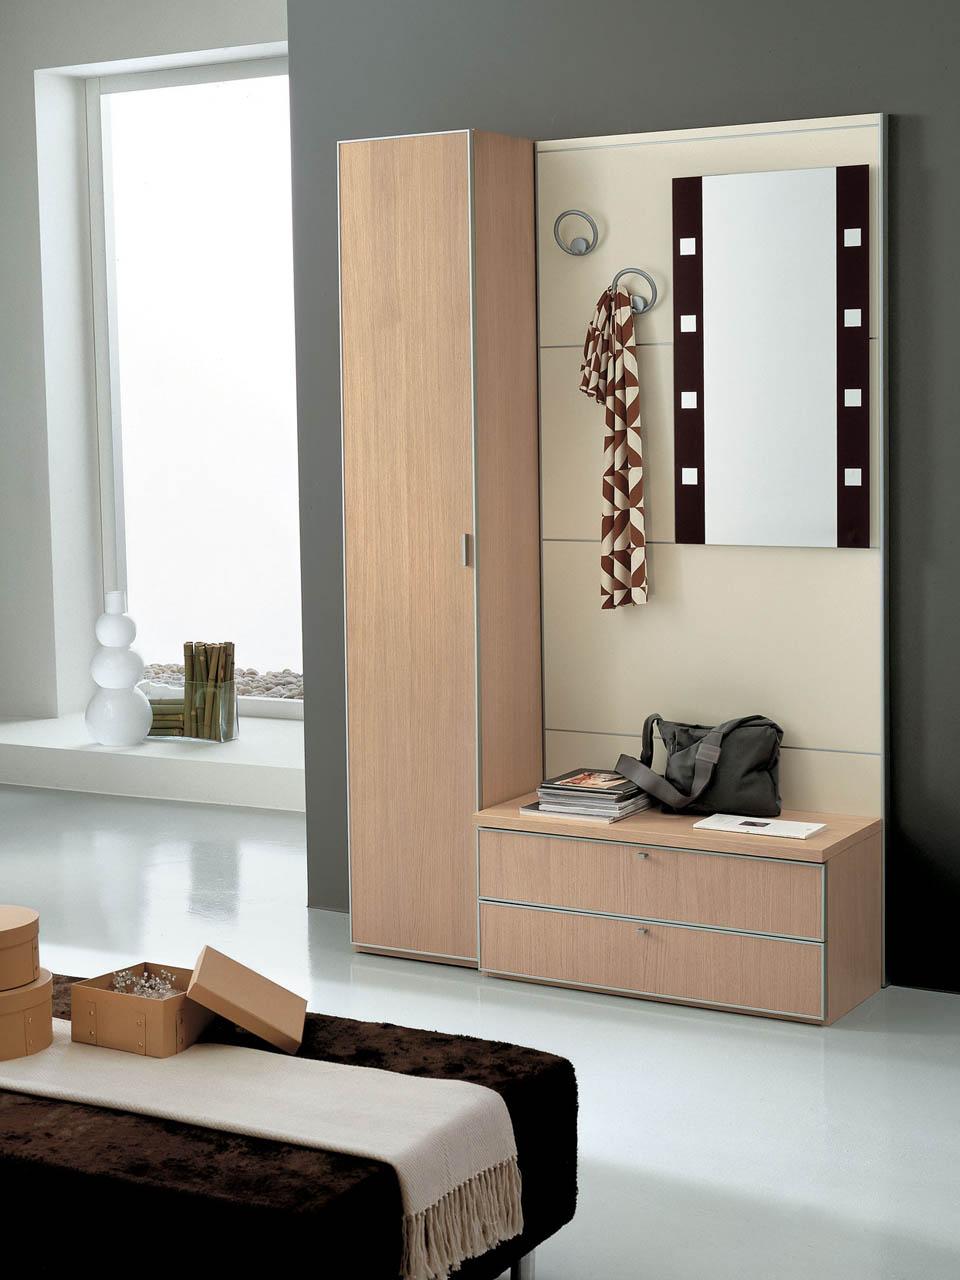 Mobili ingresso ufficio mobili ingresso da composizione - Mobili ingresso economici ...